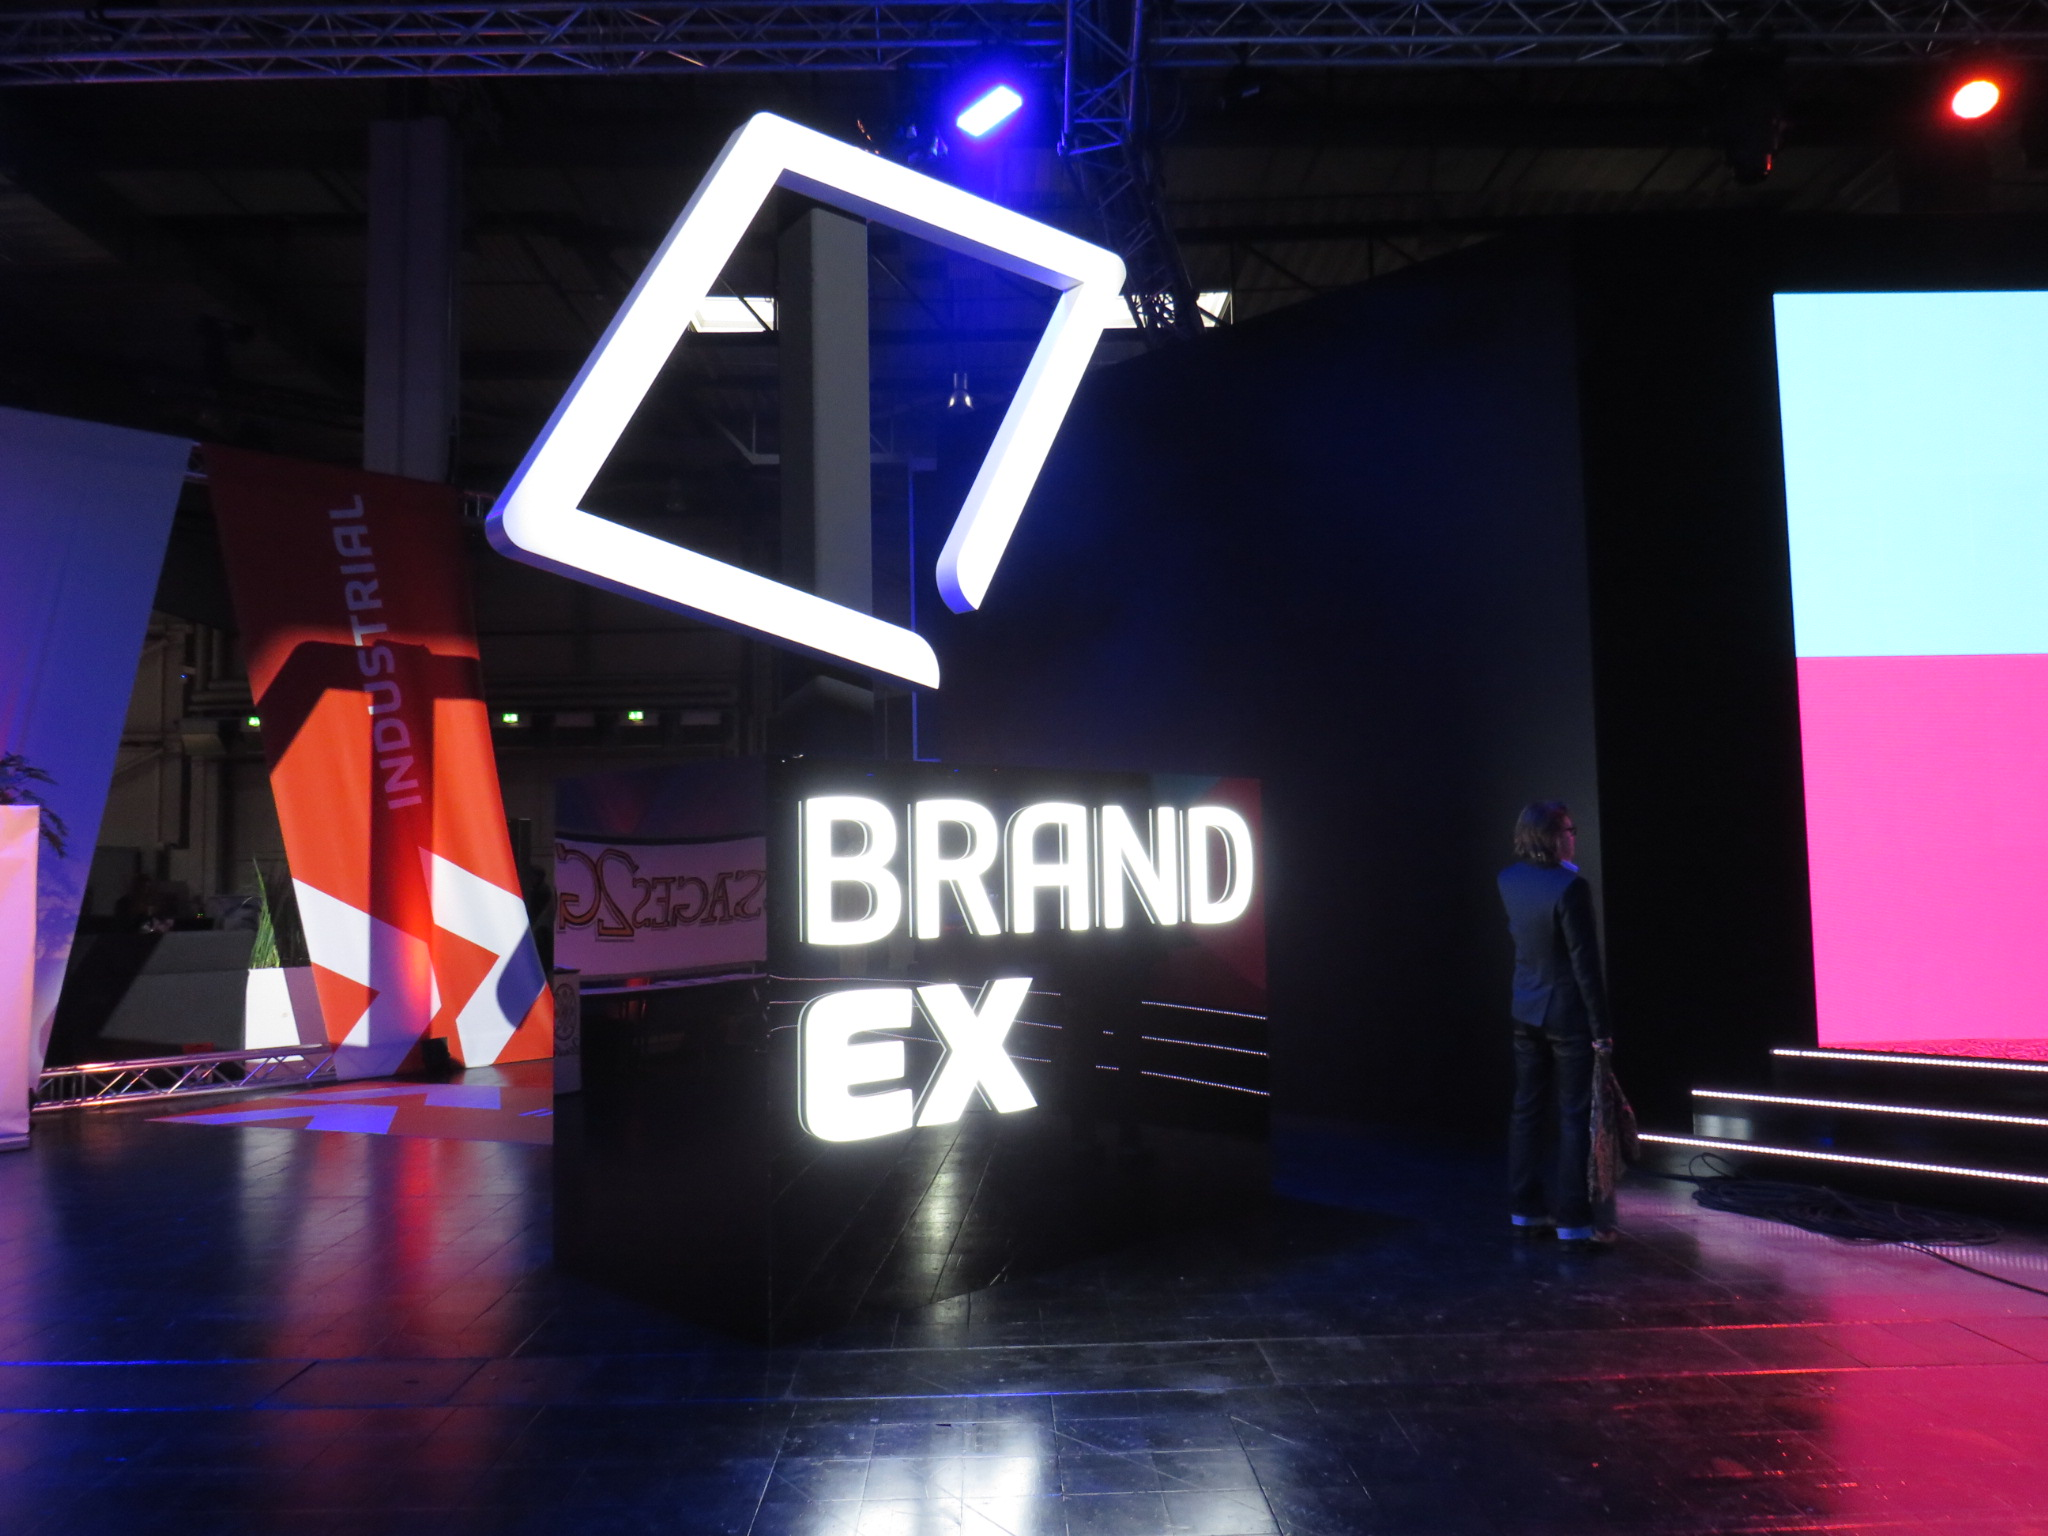 Brand Ex Festival - das erste Mal schon sehr gelungen